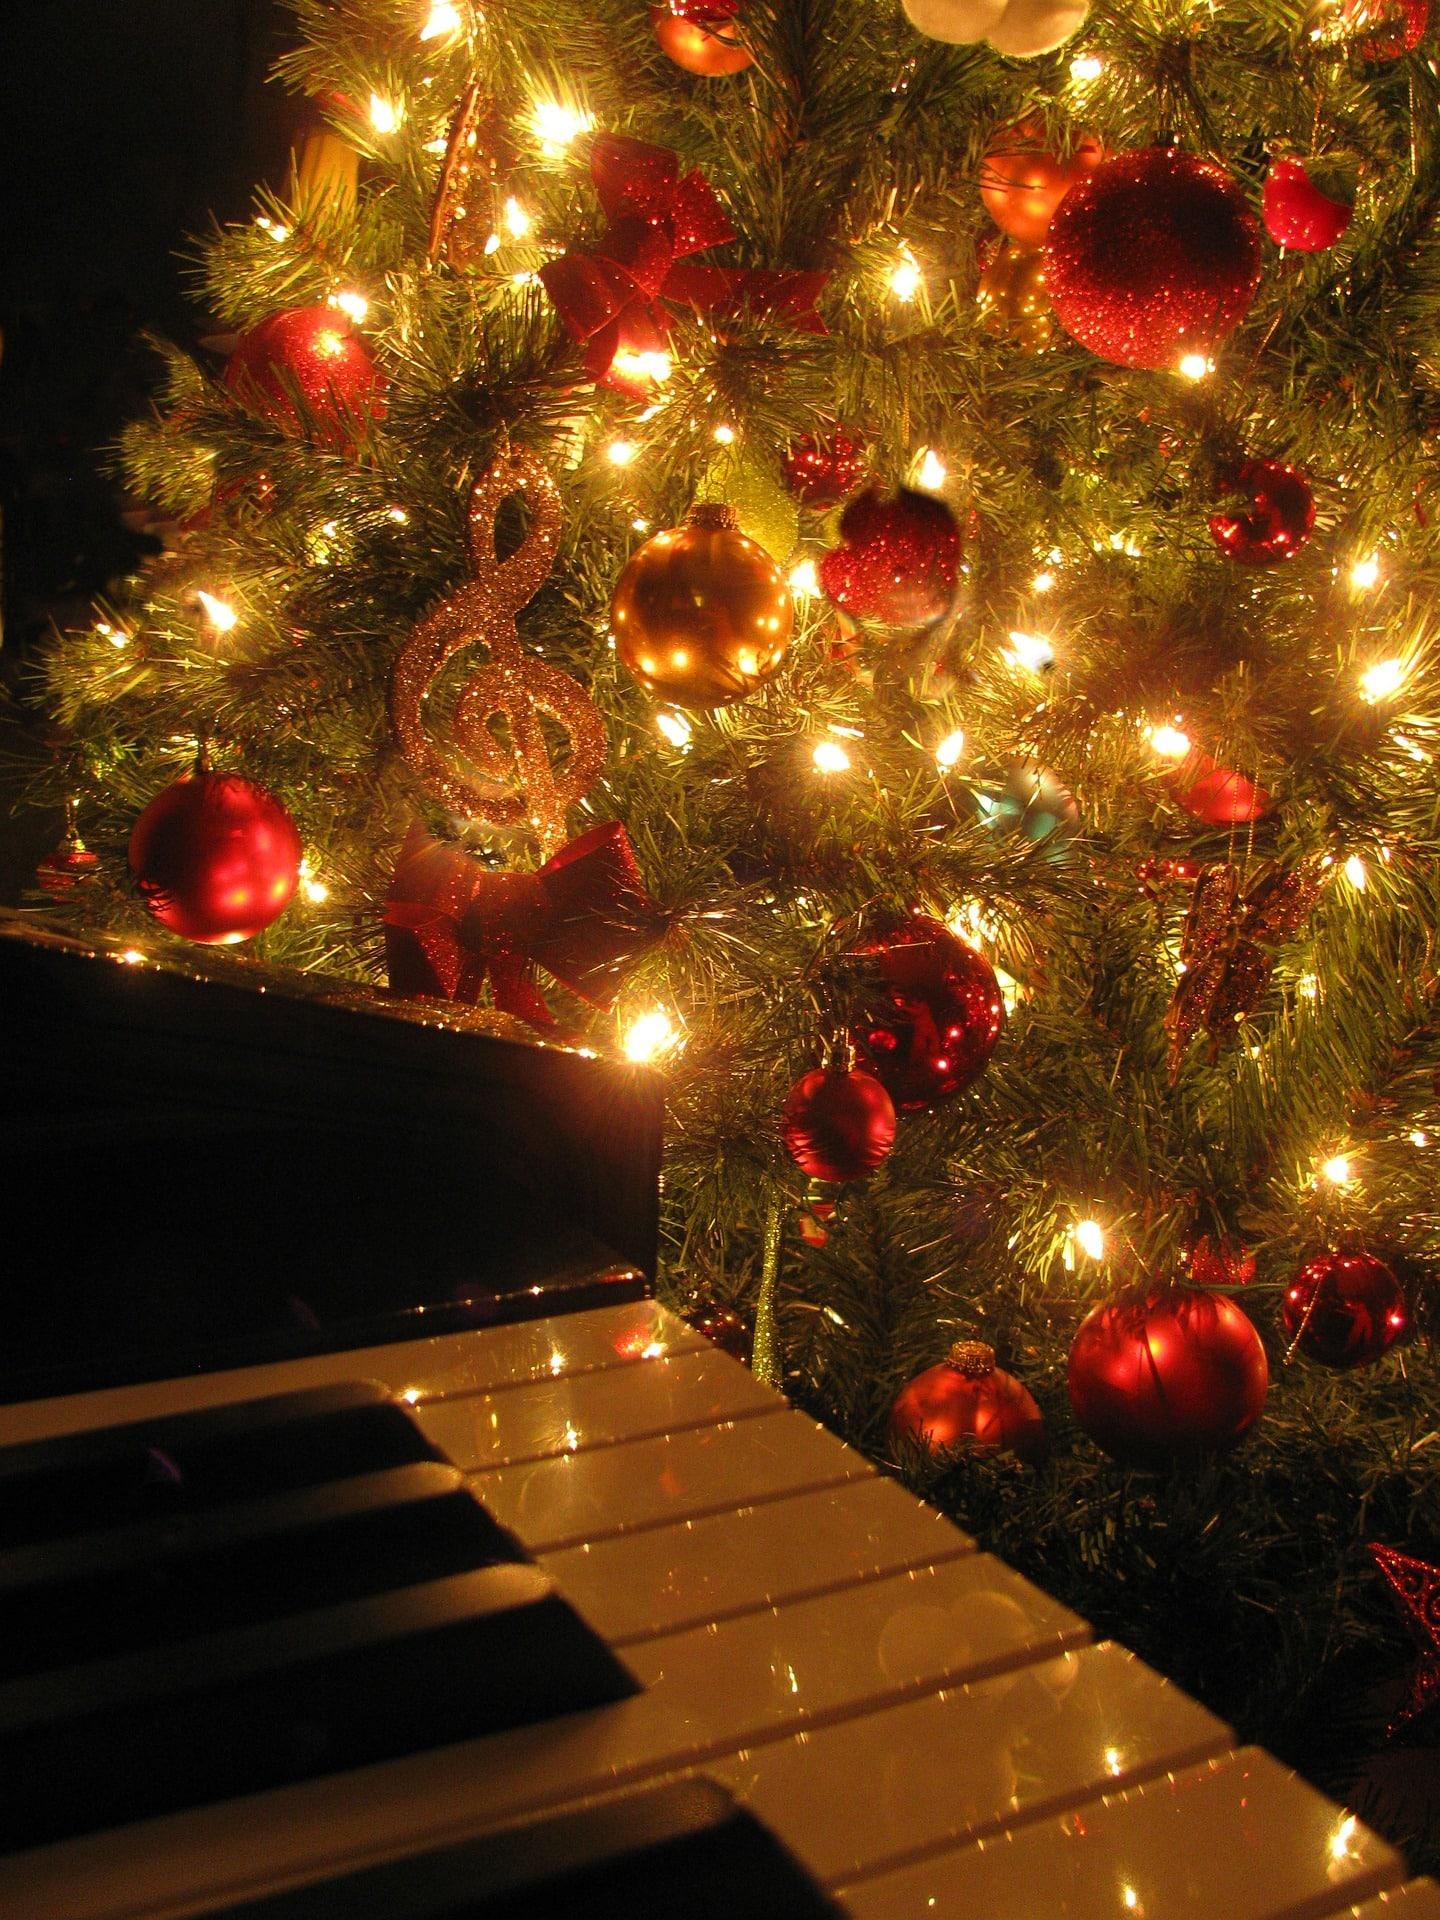 Weihnachtslieder Gratis Hören.Weihnachtslieder Weihnachtsradio 2018 Christmas Channel